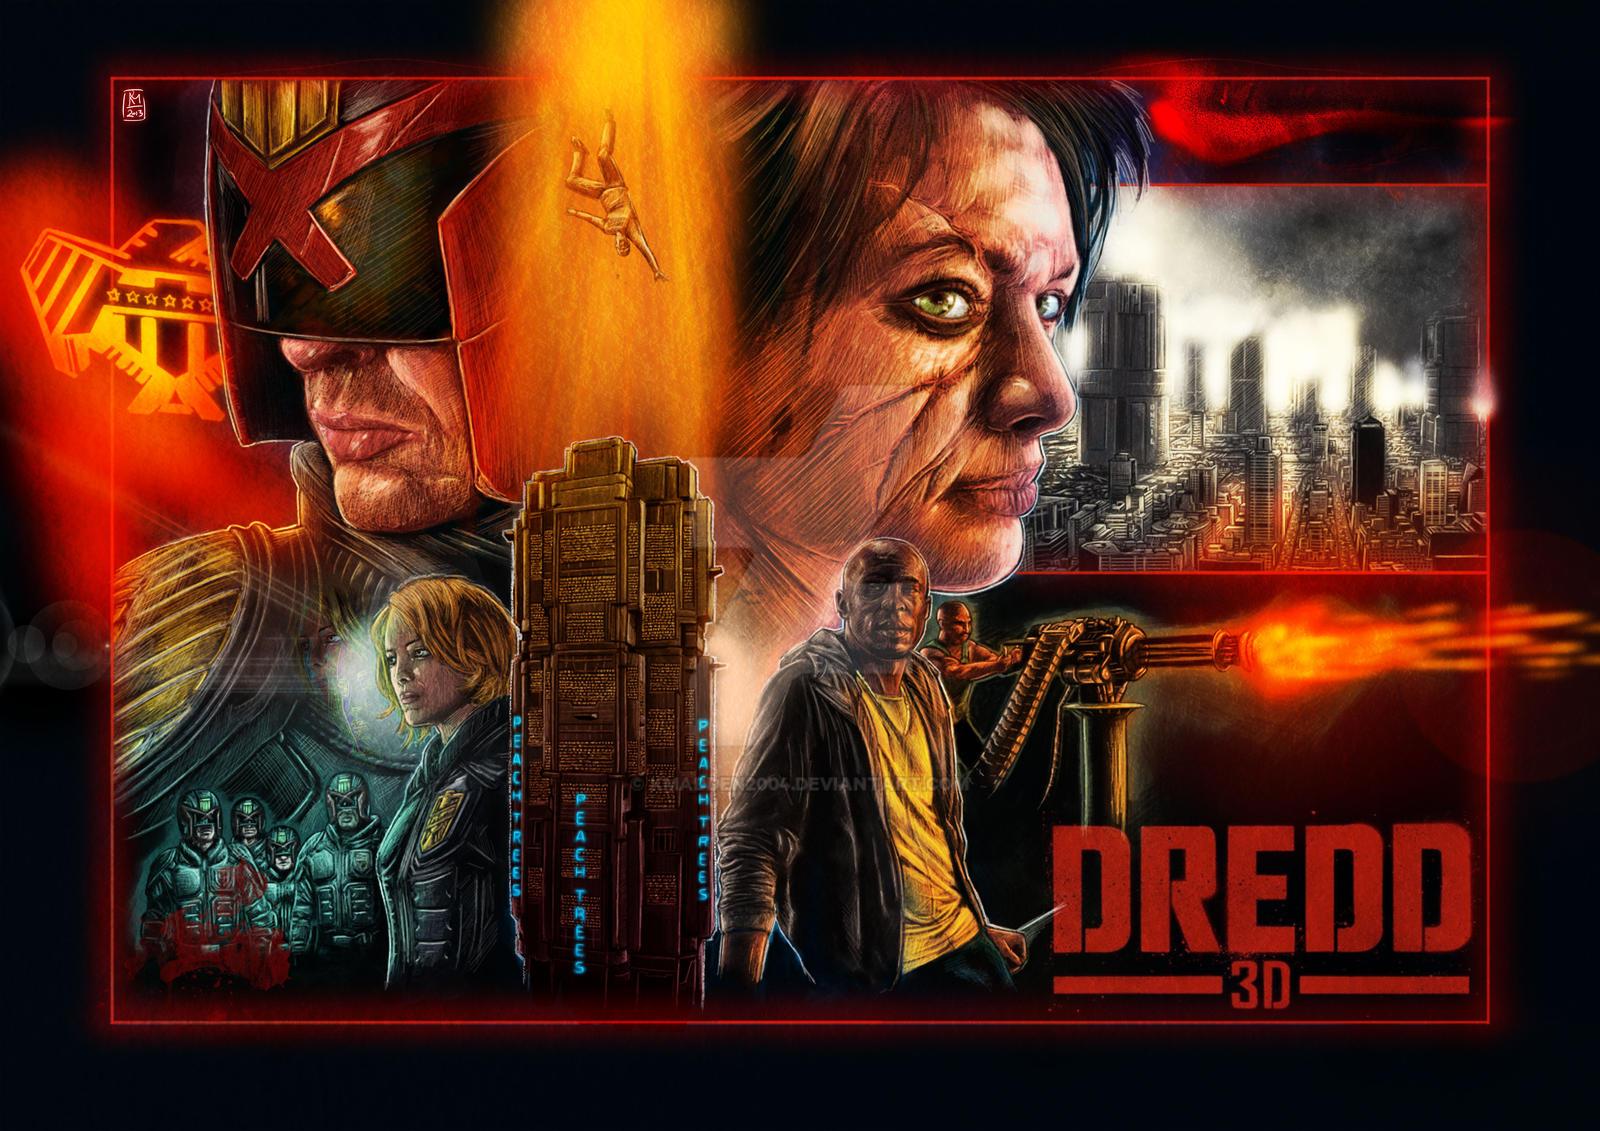 Dredd 3D by Kmadden2004